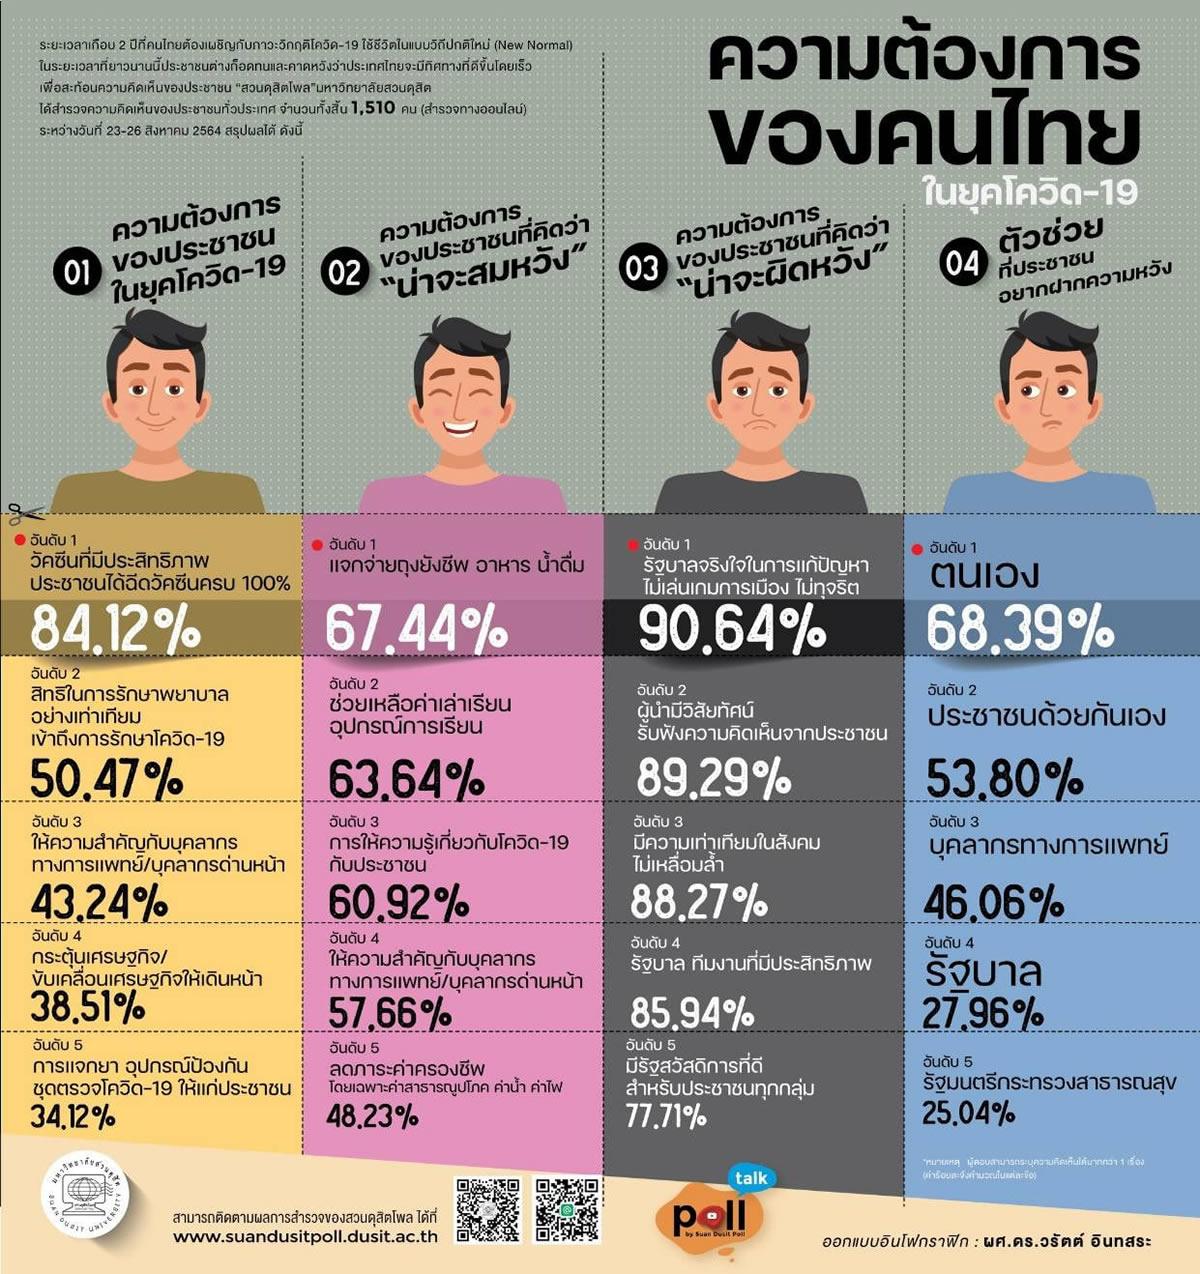 新型コロナ対策でタイ政府への信頼度は高くない【世論調査】